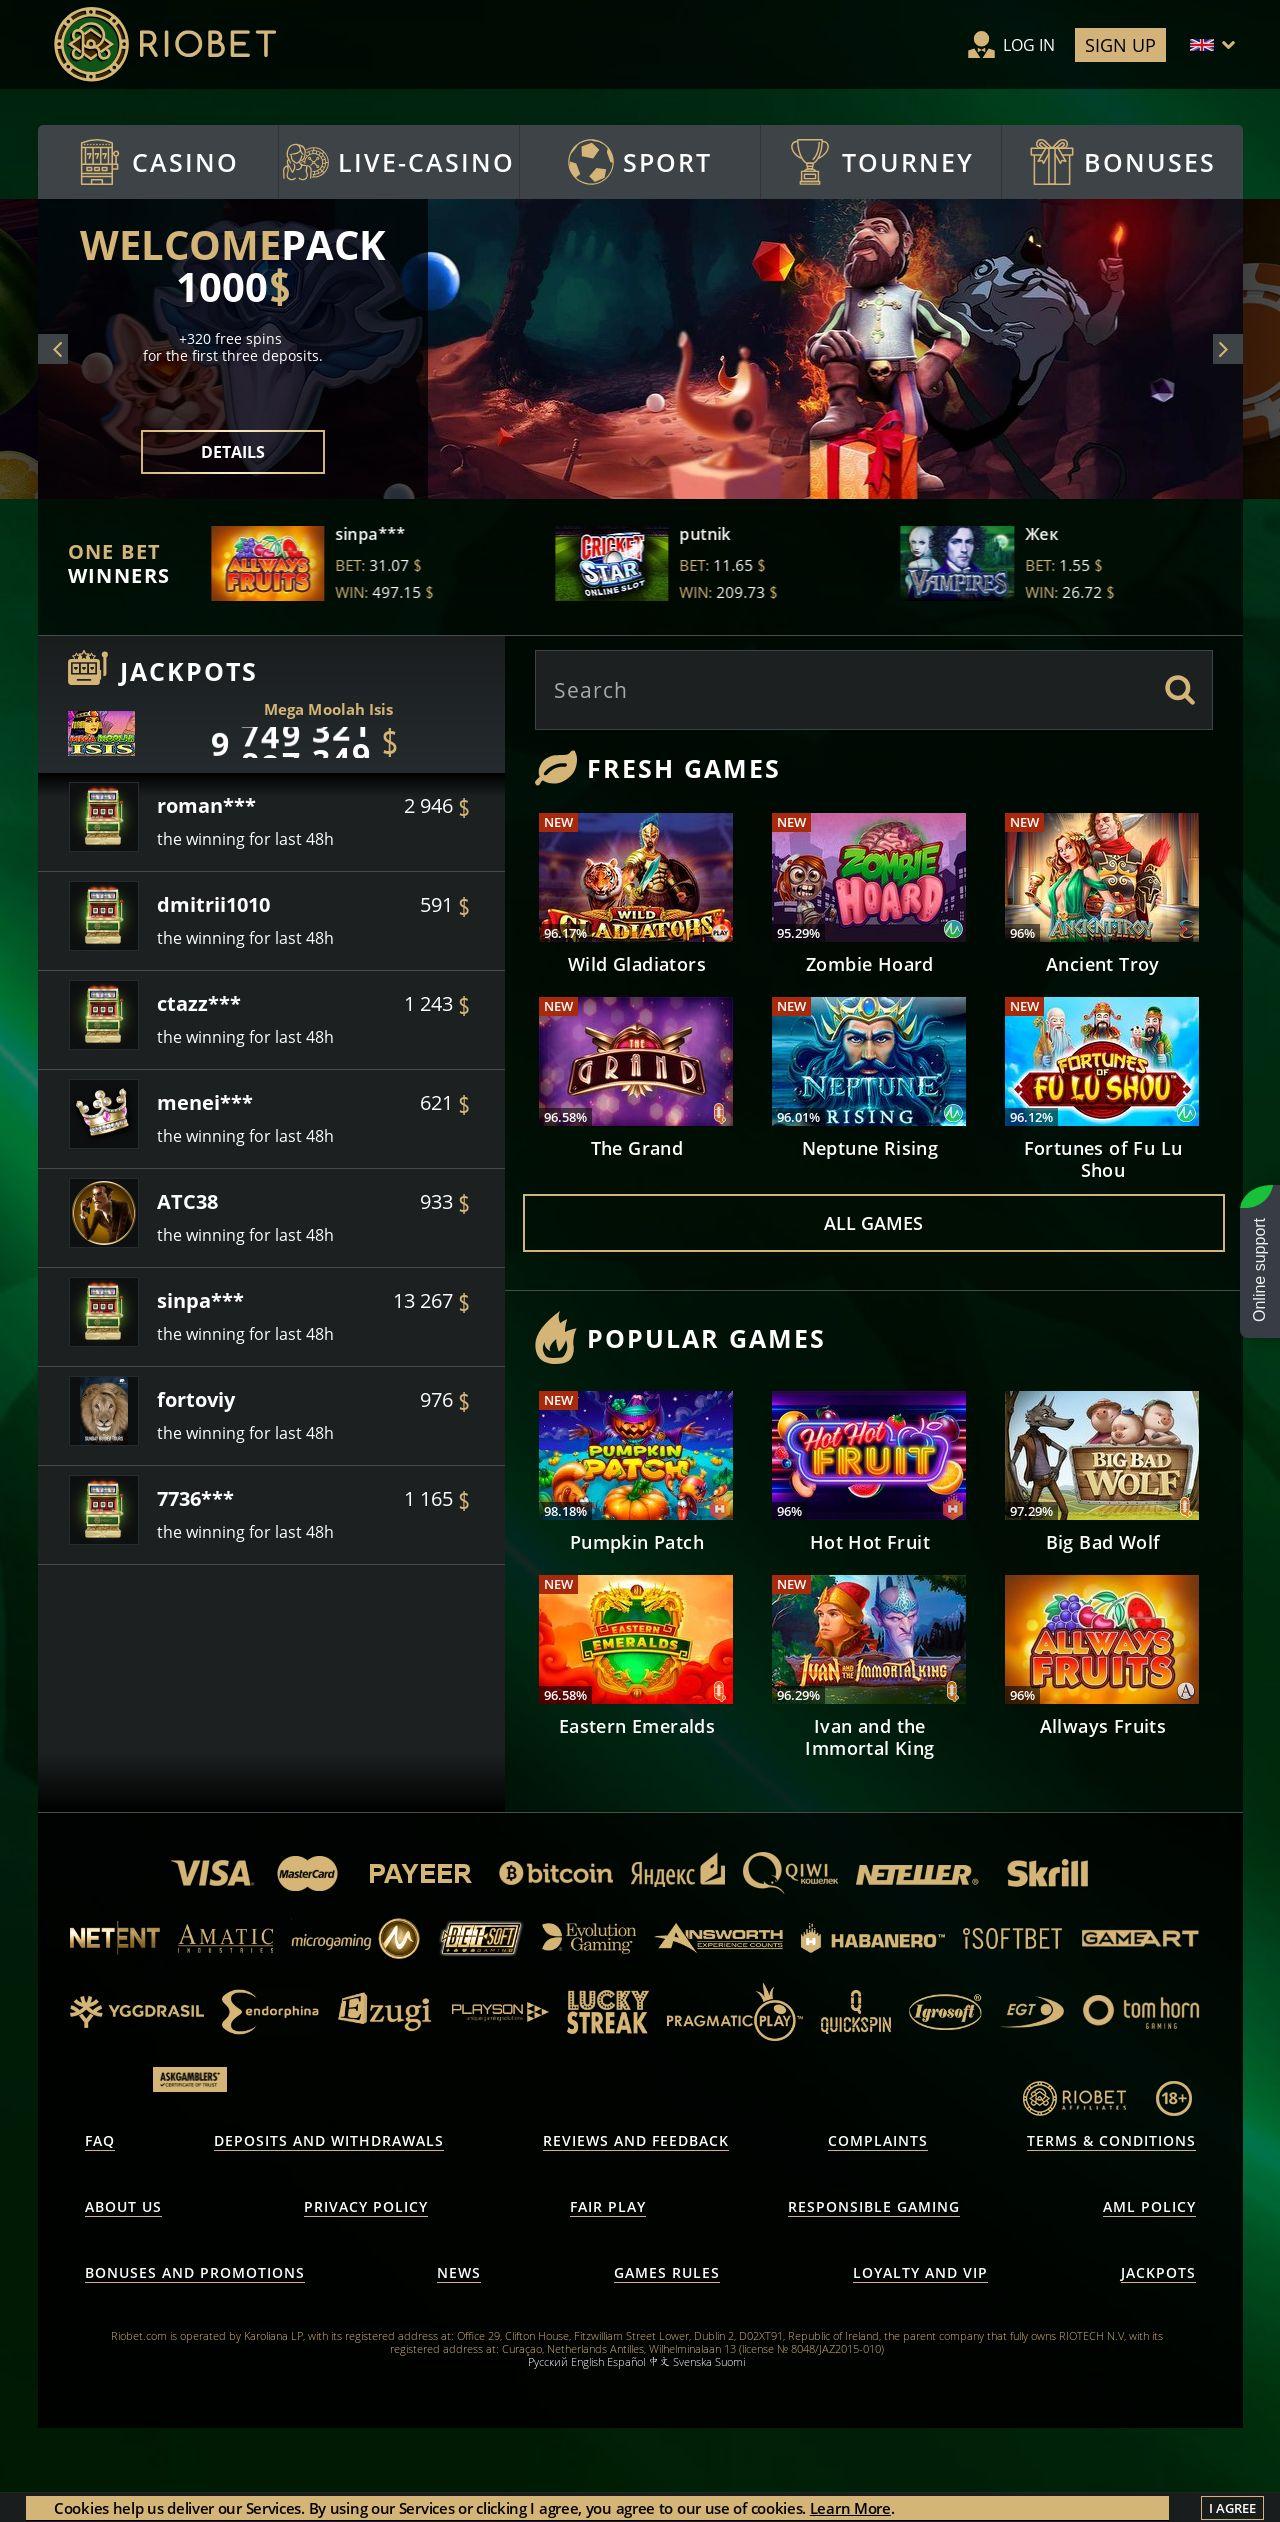 казино риобет отзывы игроков